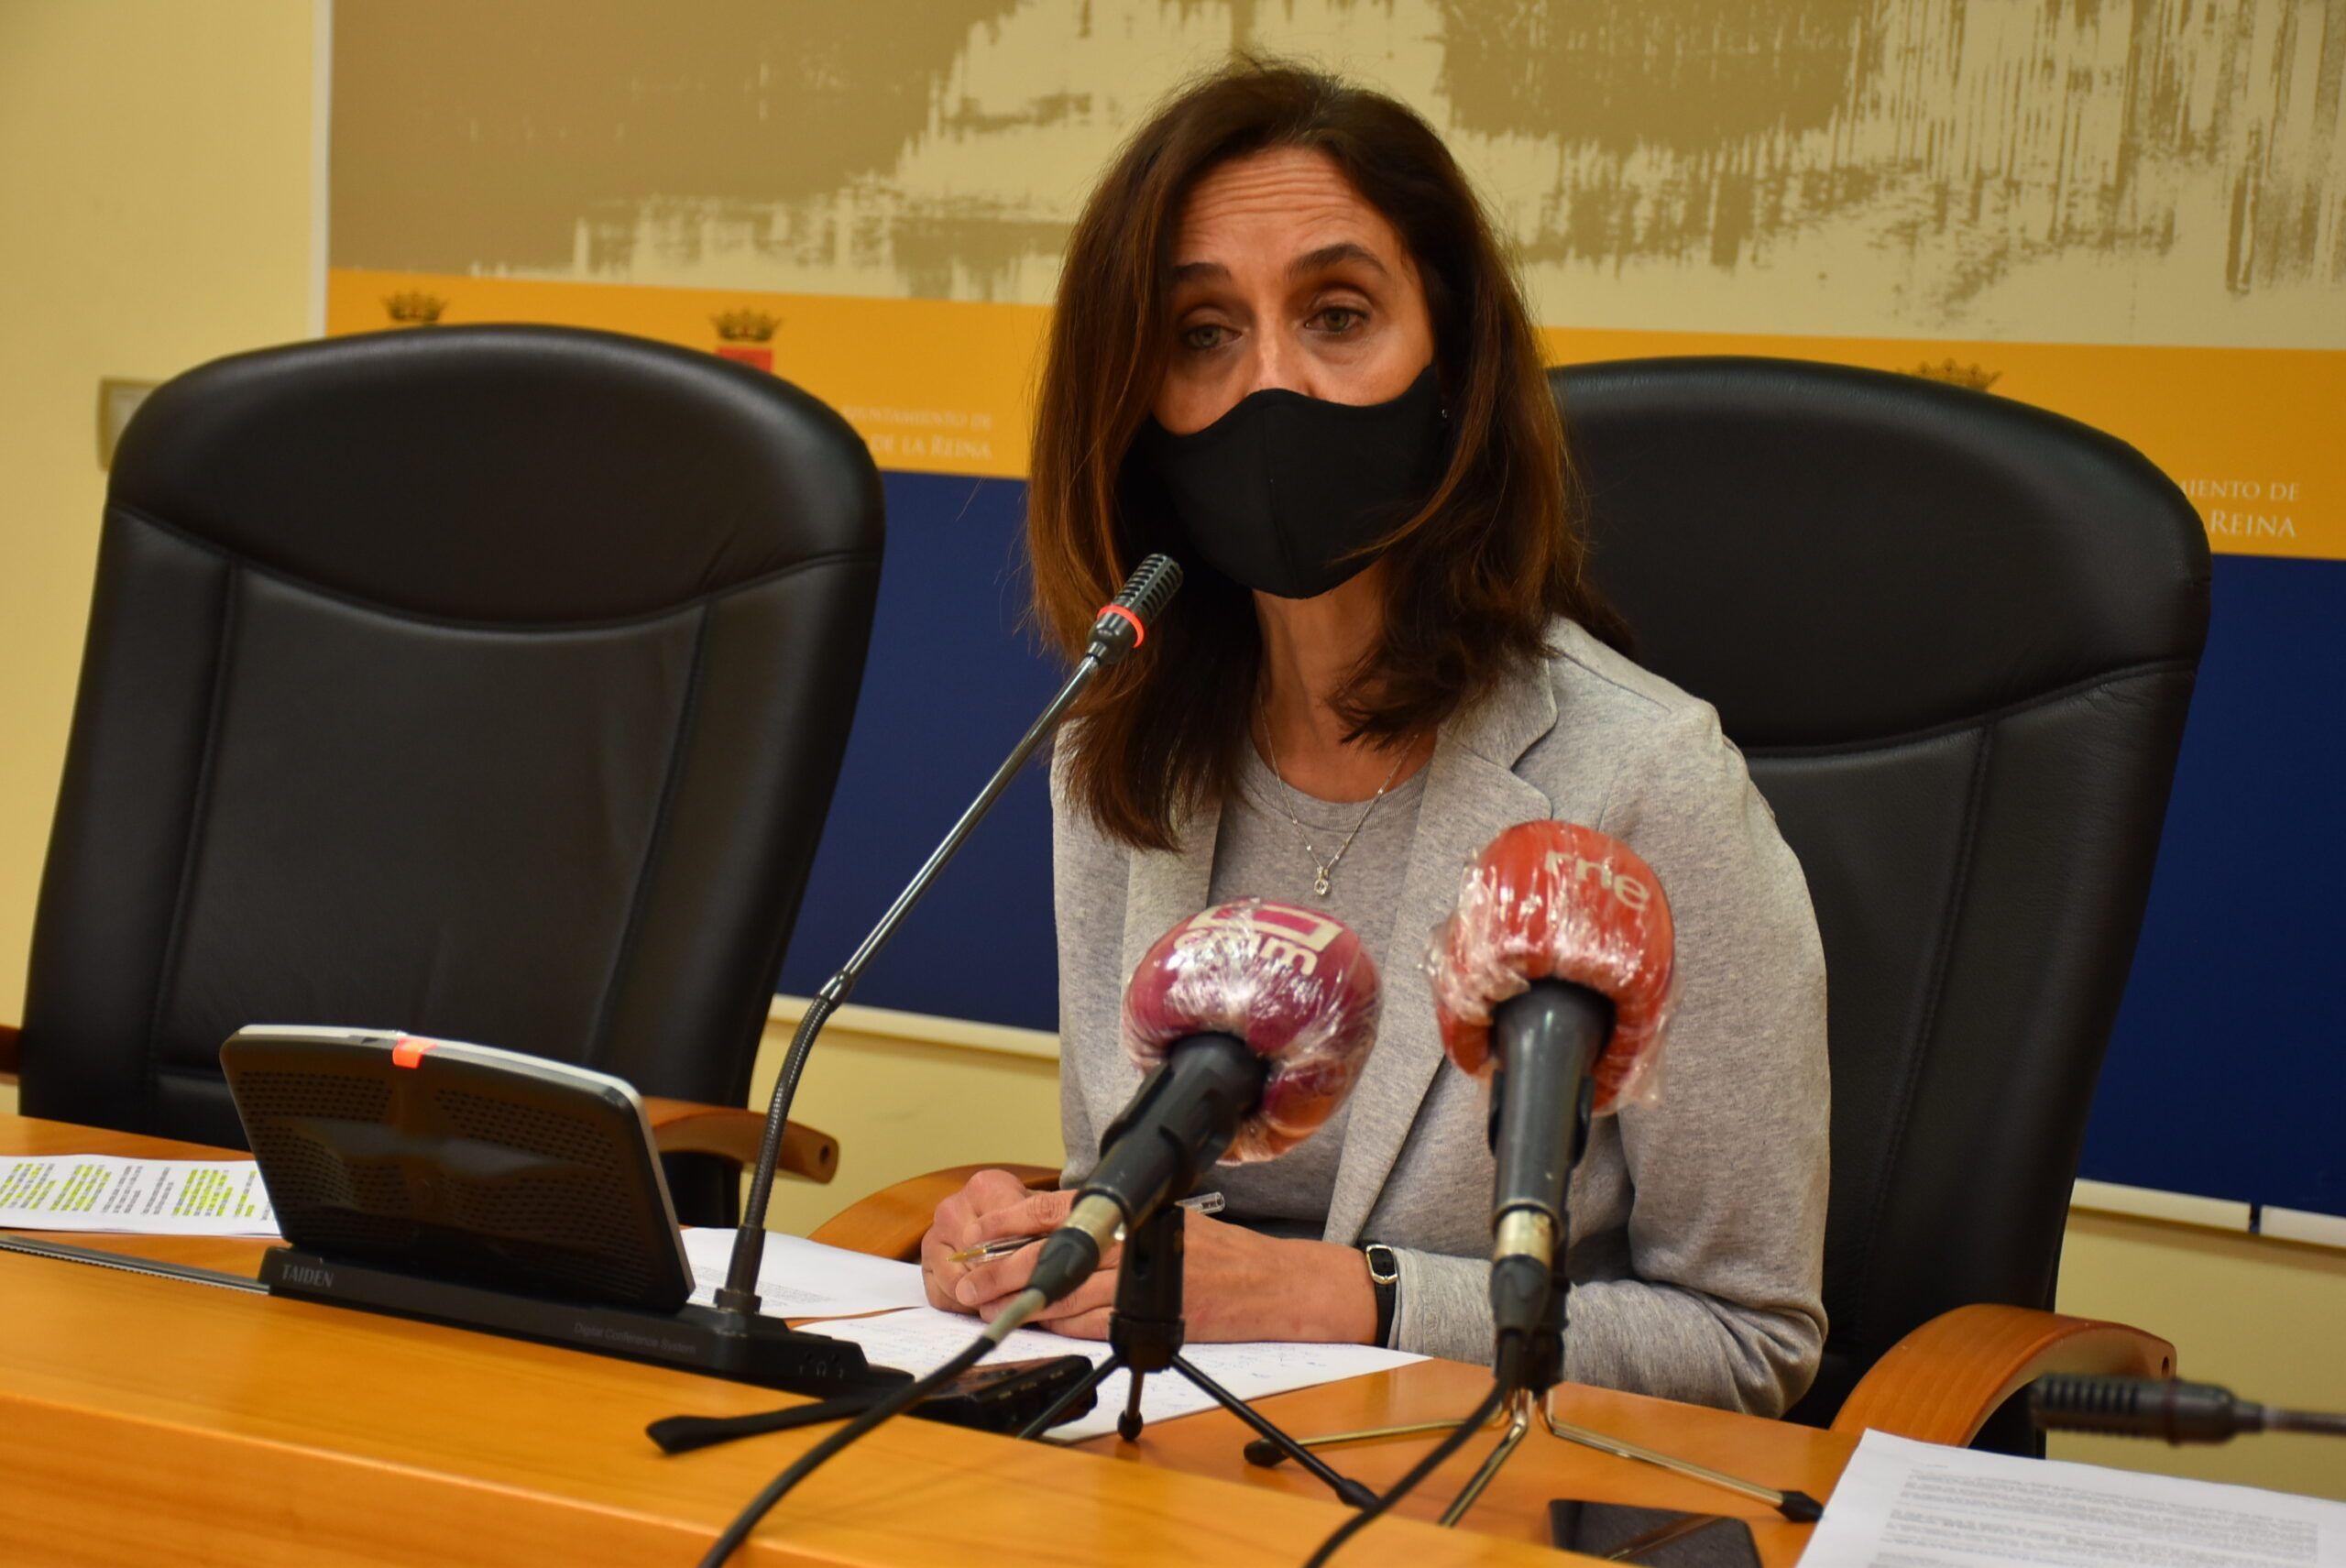 El equipo de Gobierno confía en que las limitaciones de horario y movilidad contribuyan a reducir las tasas de contagio en Talavera